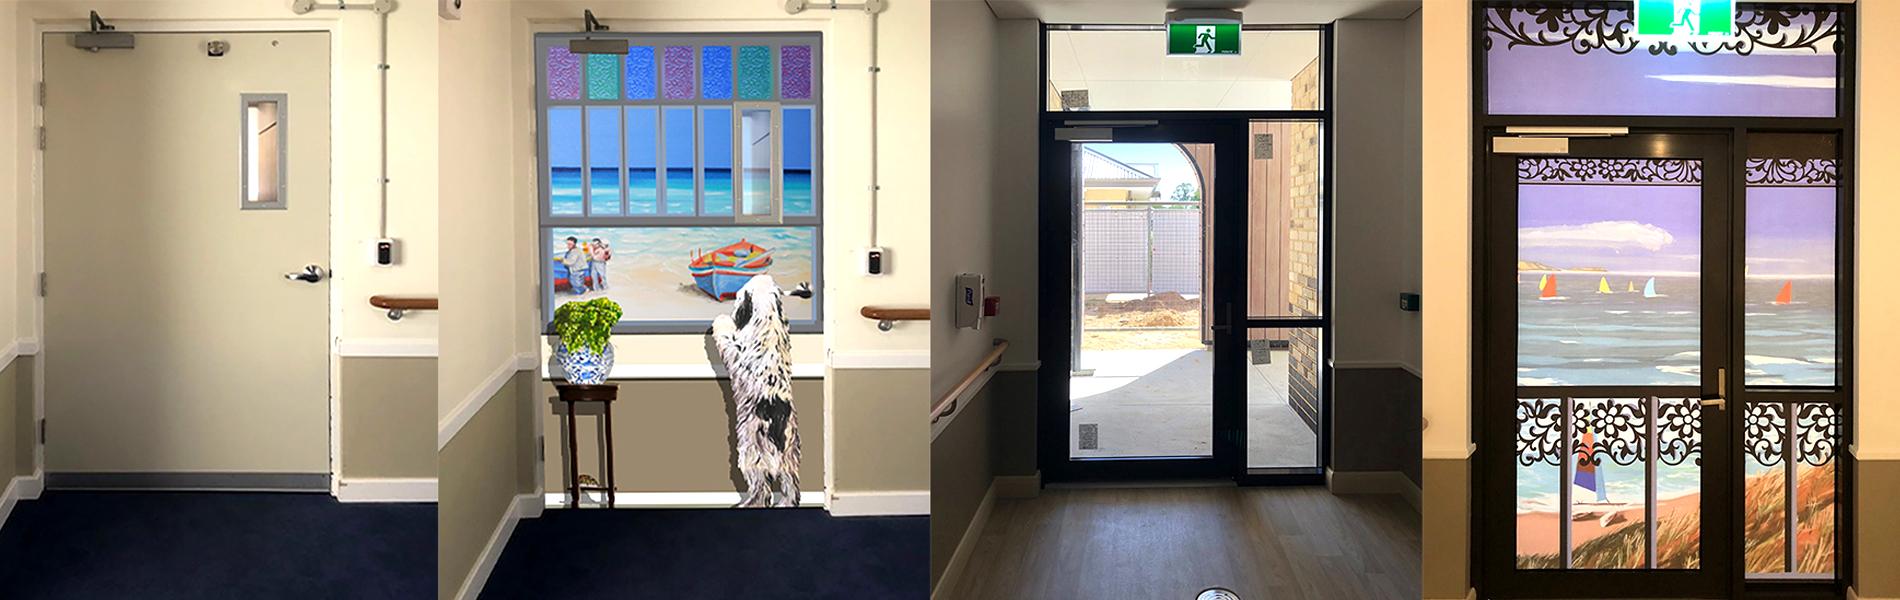 doors for older adults with dementia seeking elopement